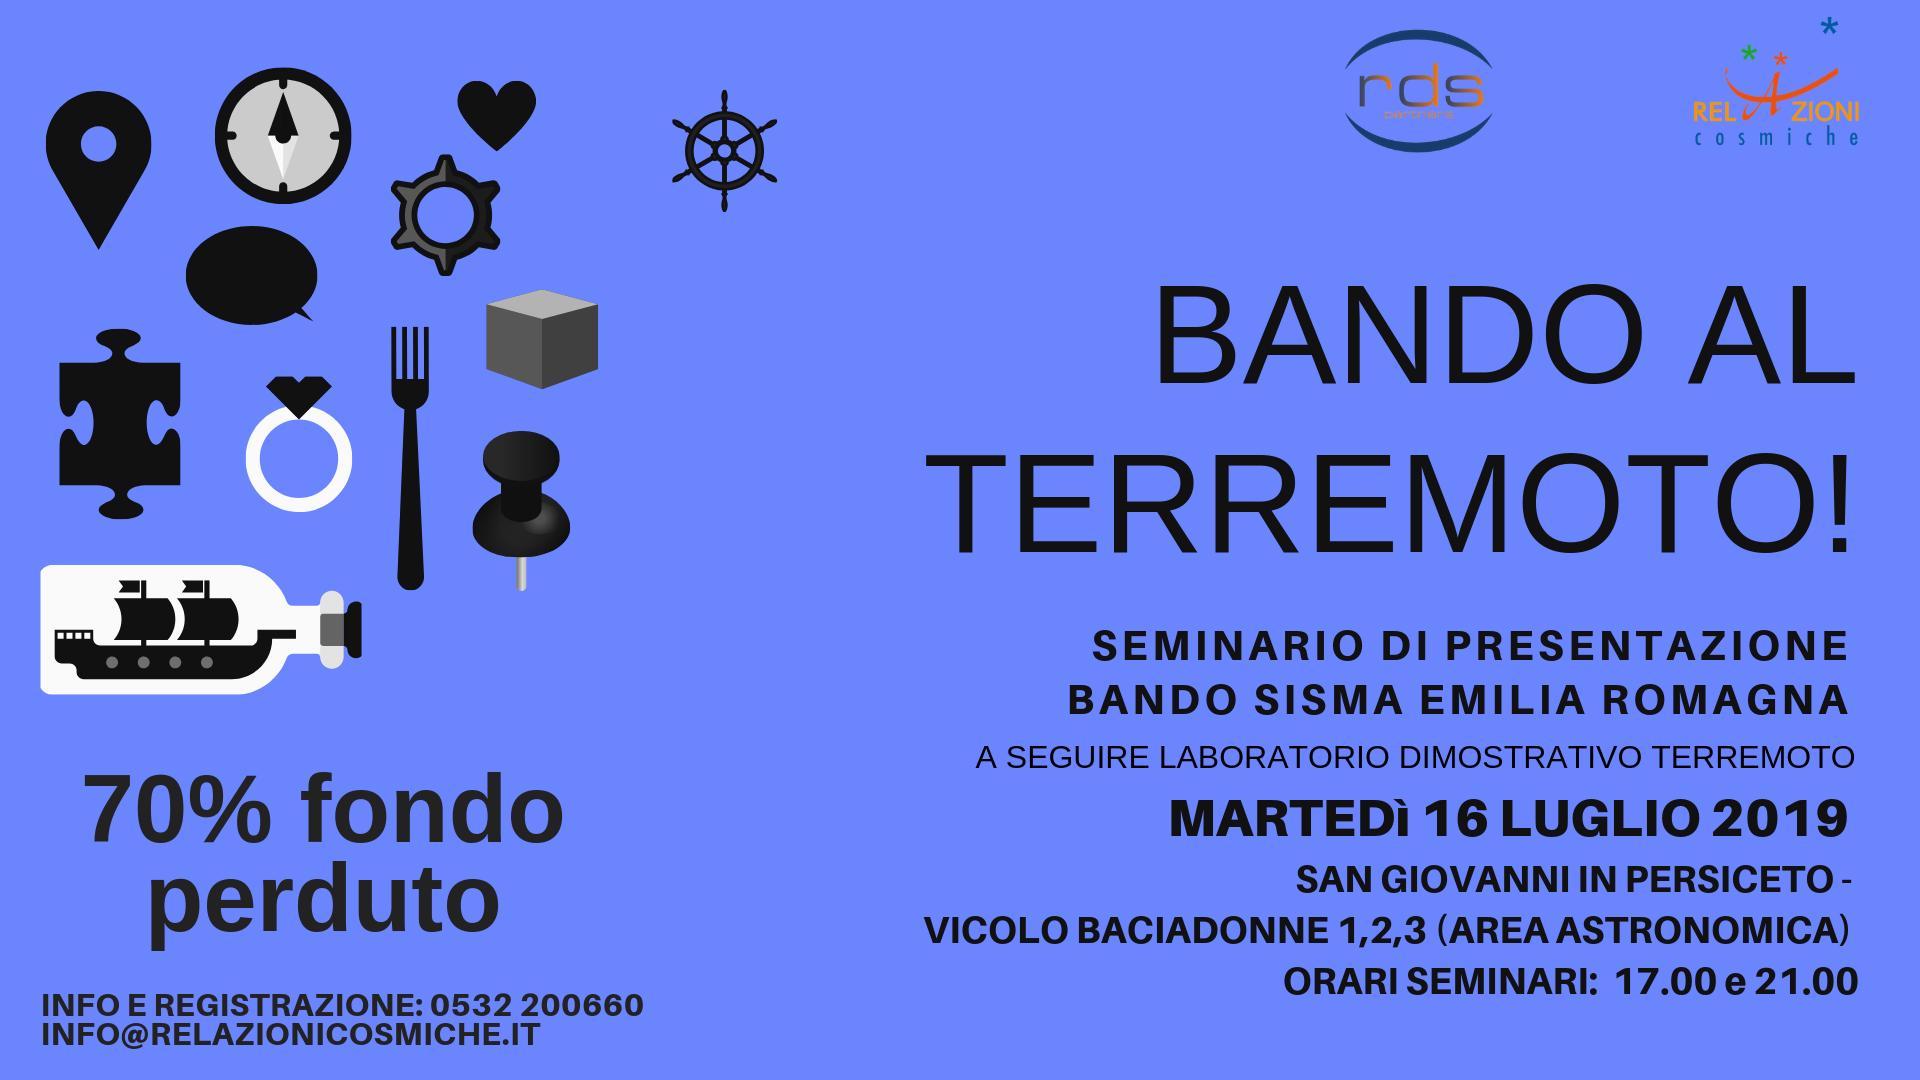 BANDO AL TERREMOTO! – S.GIOVANNI IN PERSICETO (BO)